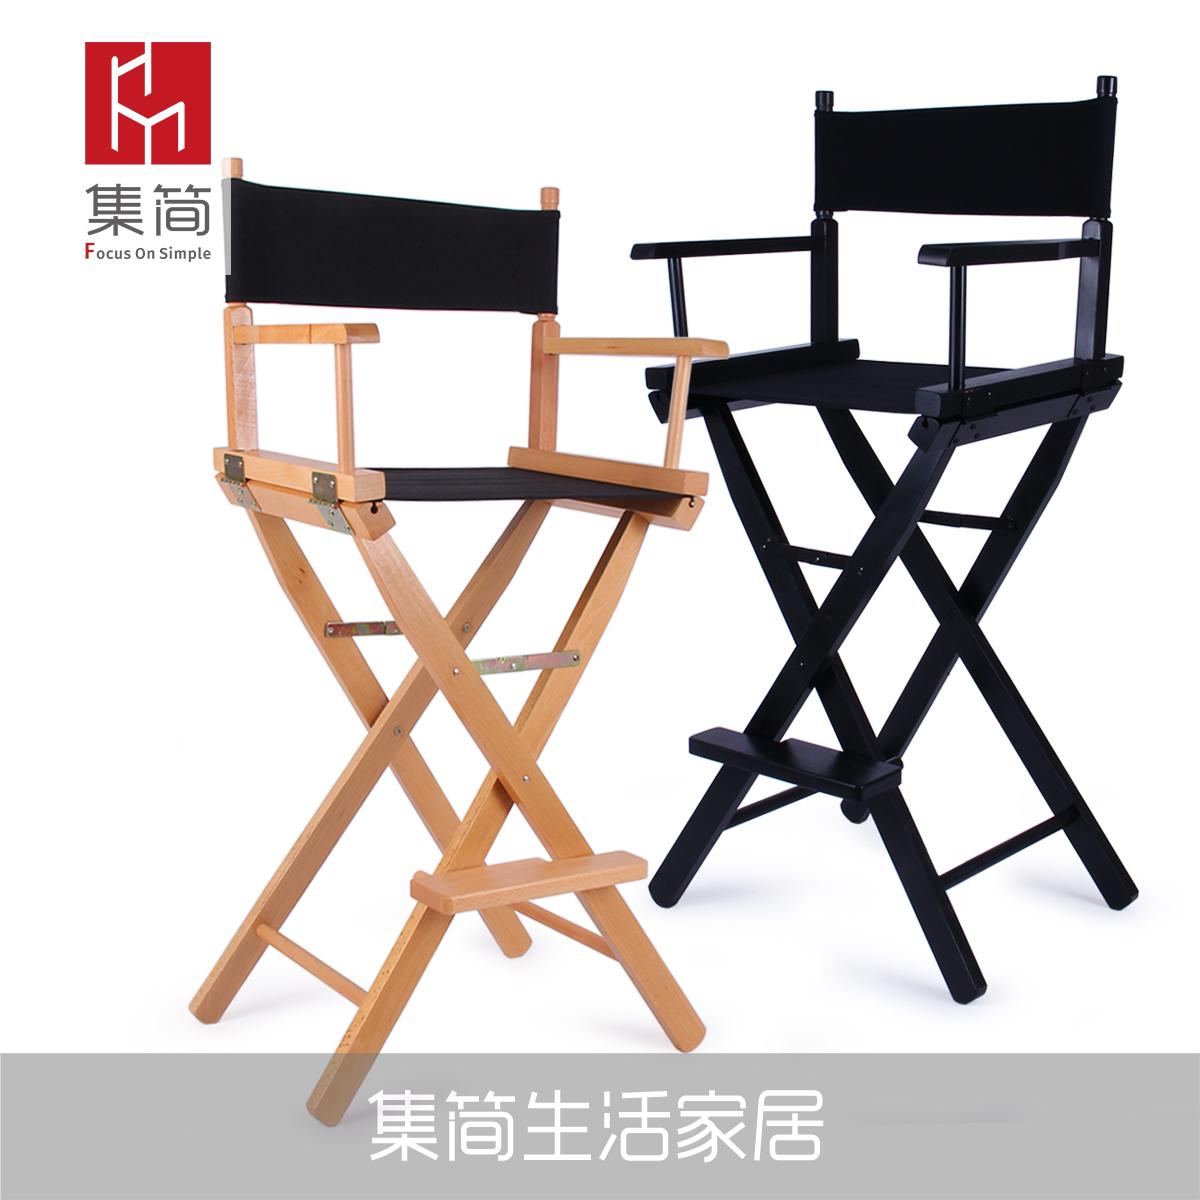 实木导演椅折叠帆布椅吧台椅靠背办公休闲椅化浊钓鱼椅沙滩椅子